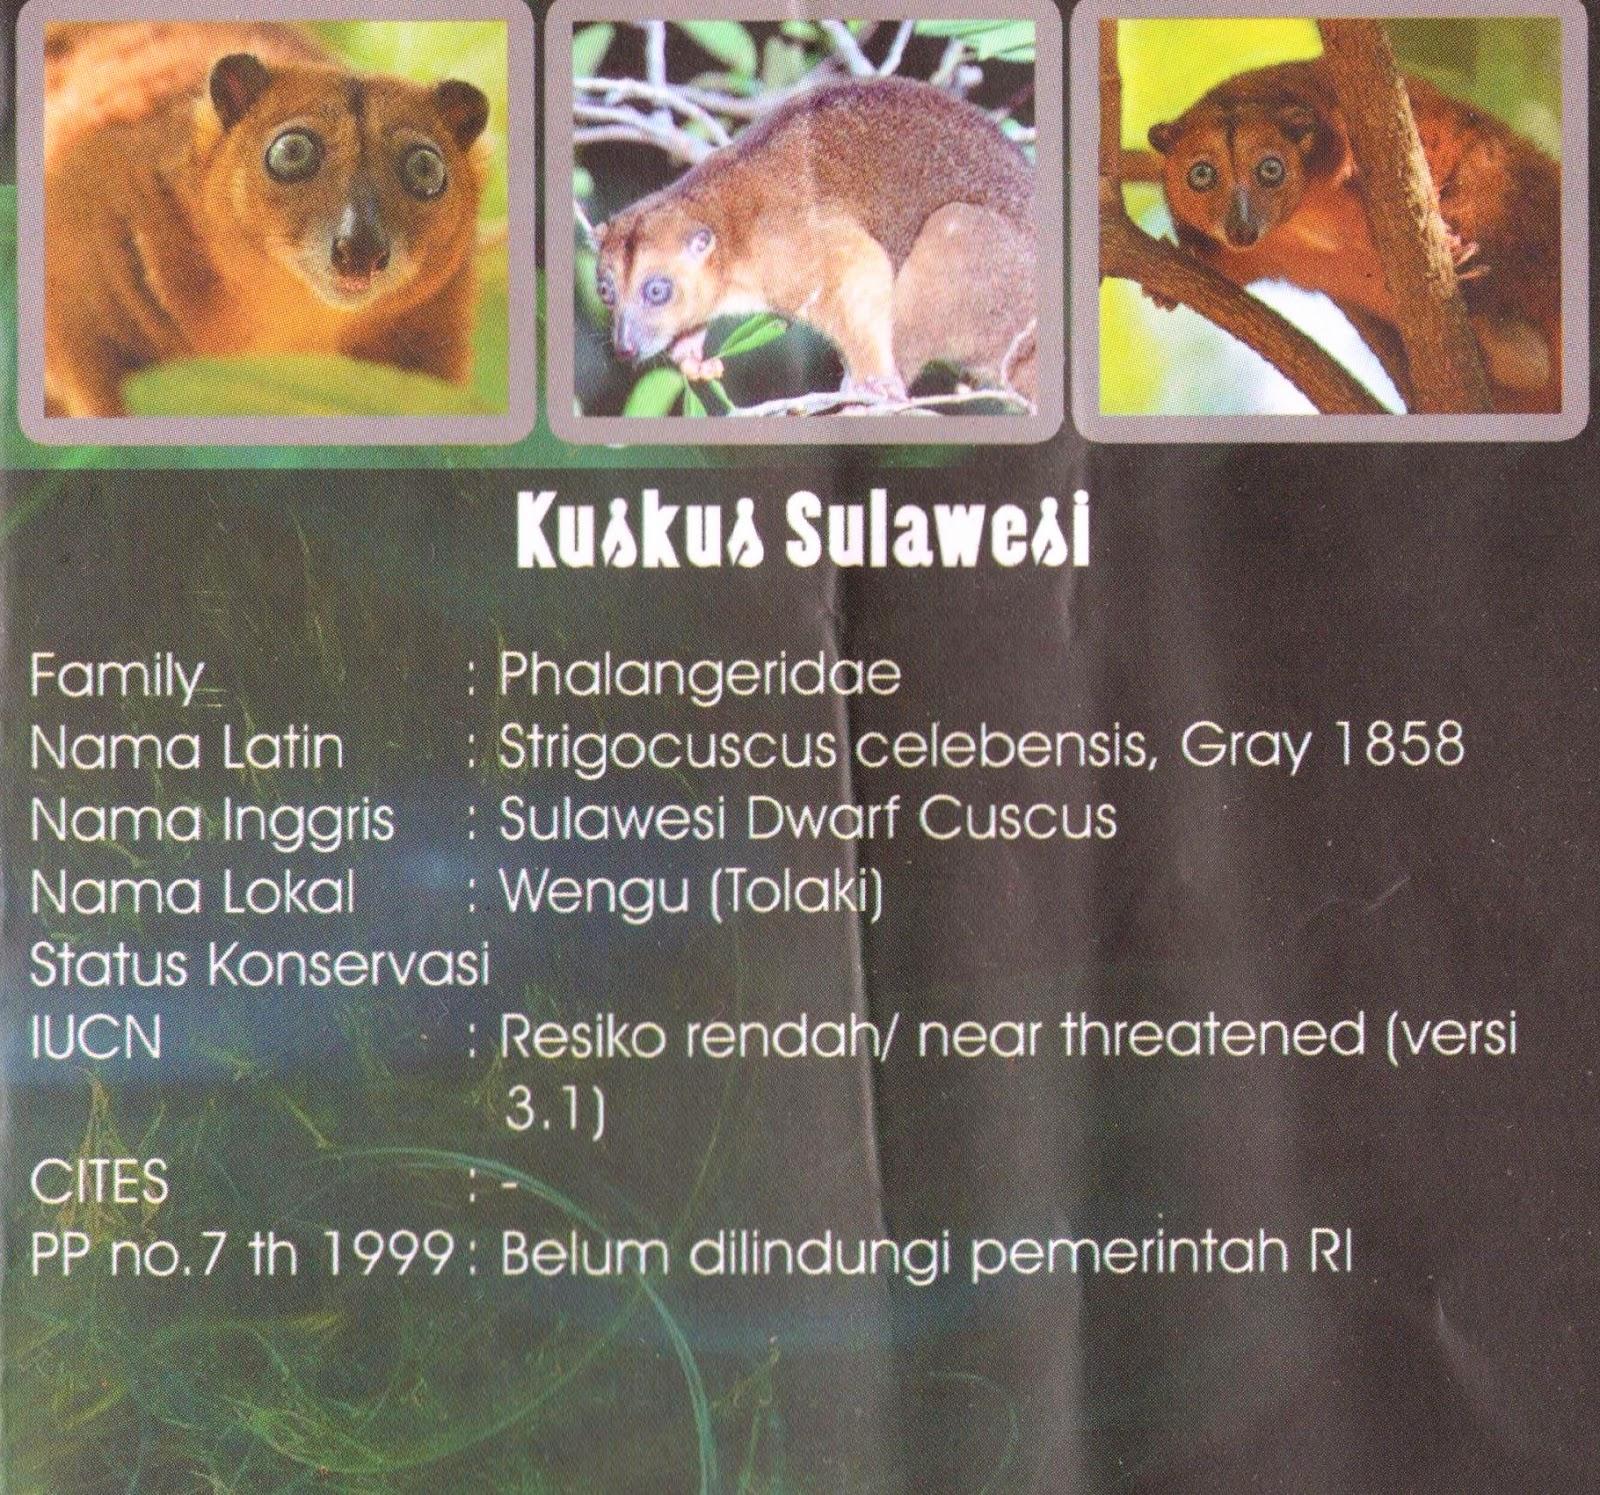 Kuskus Sulawesi